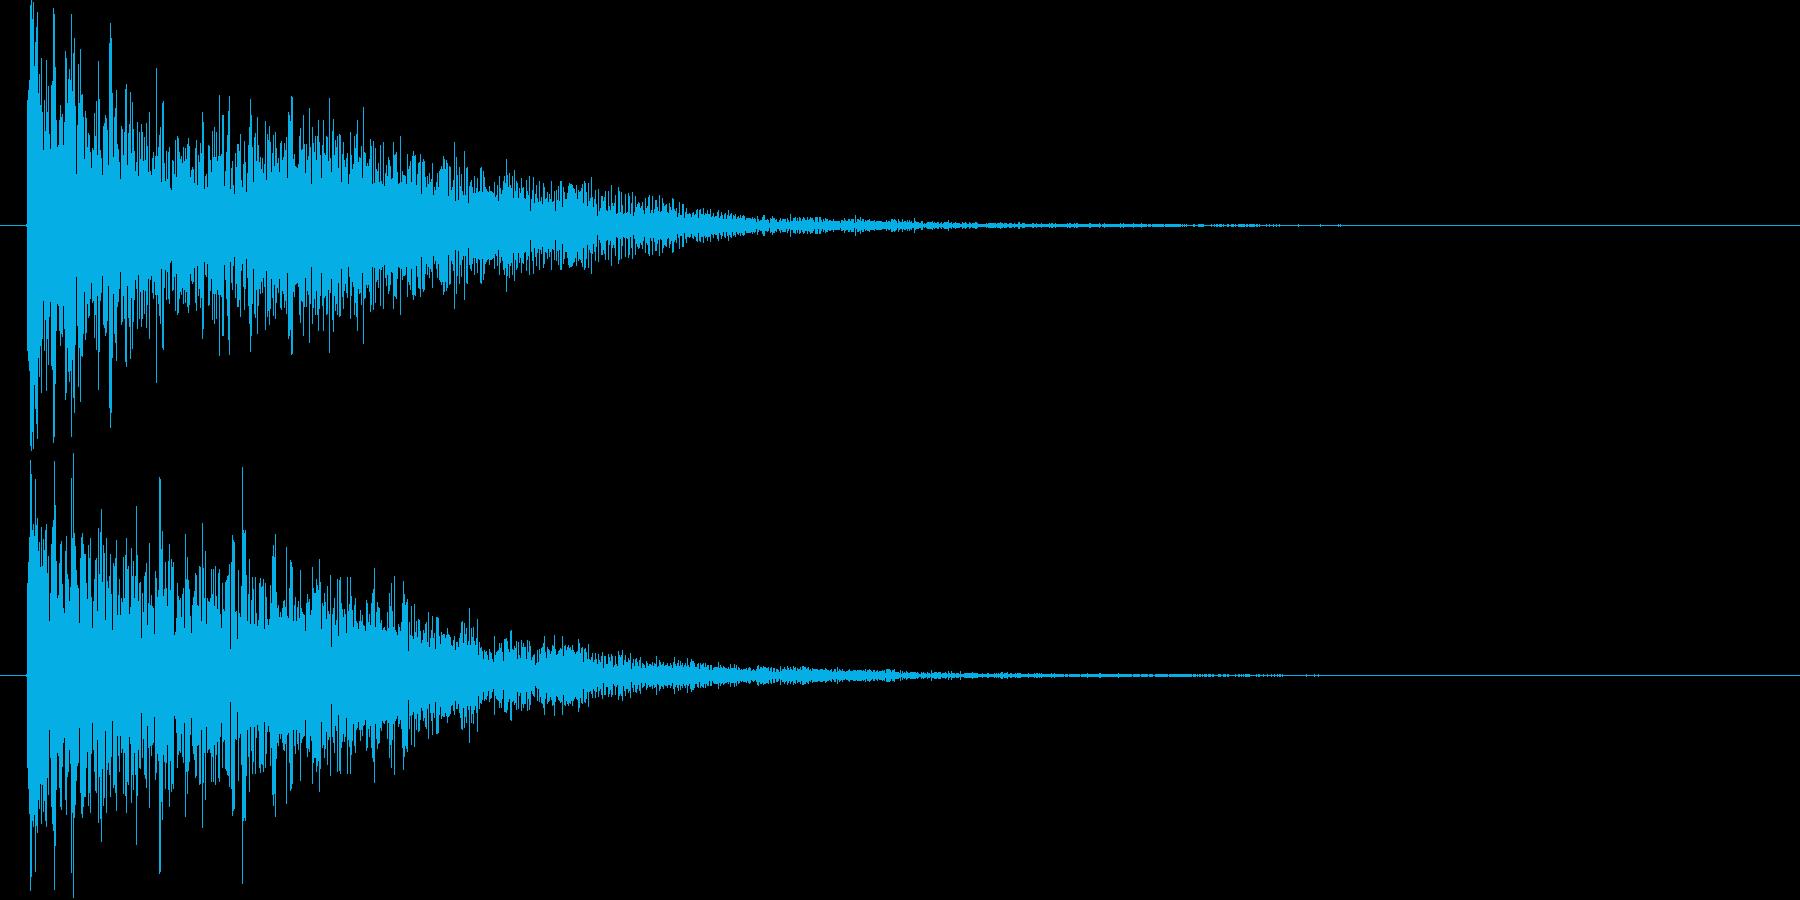 瞬間移動した瞬間とその後の余韻音の再生済みの波形